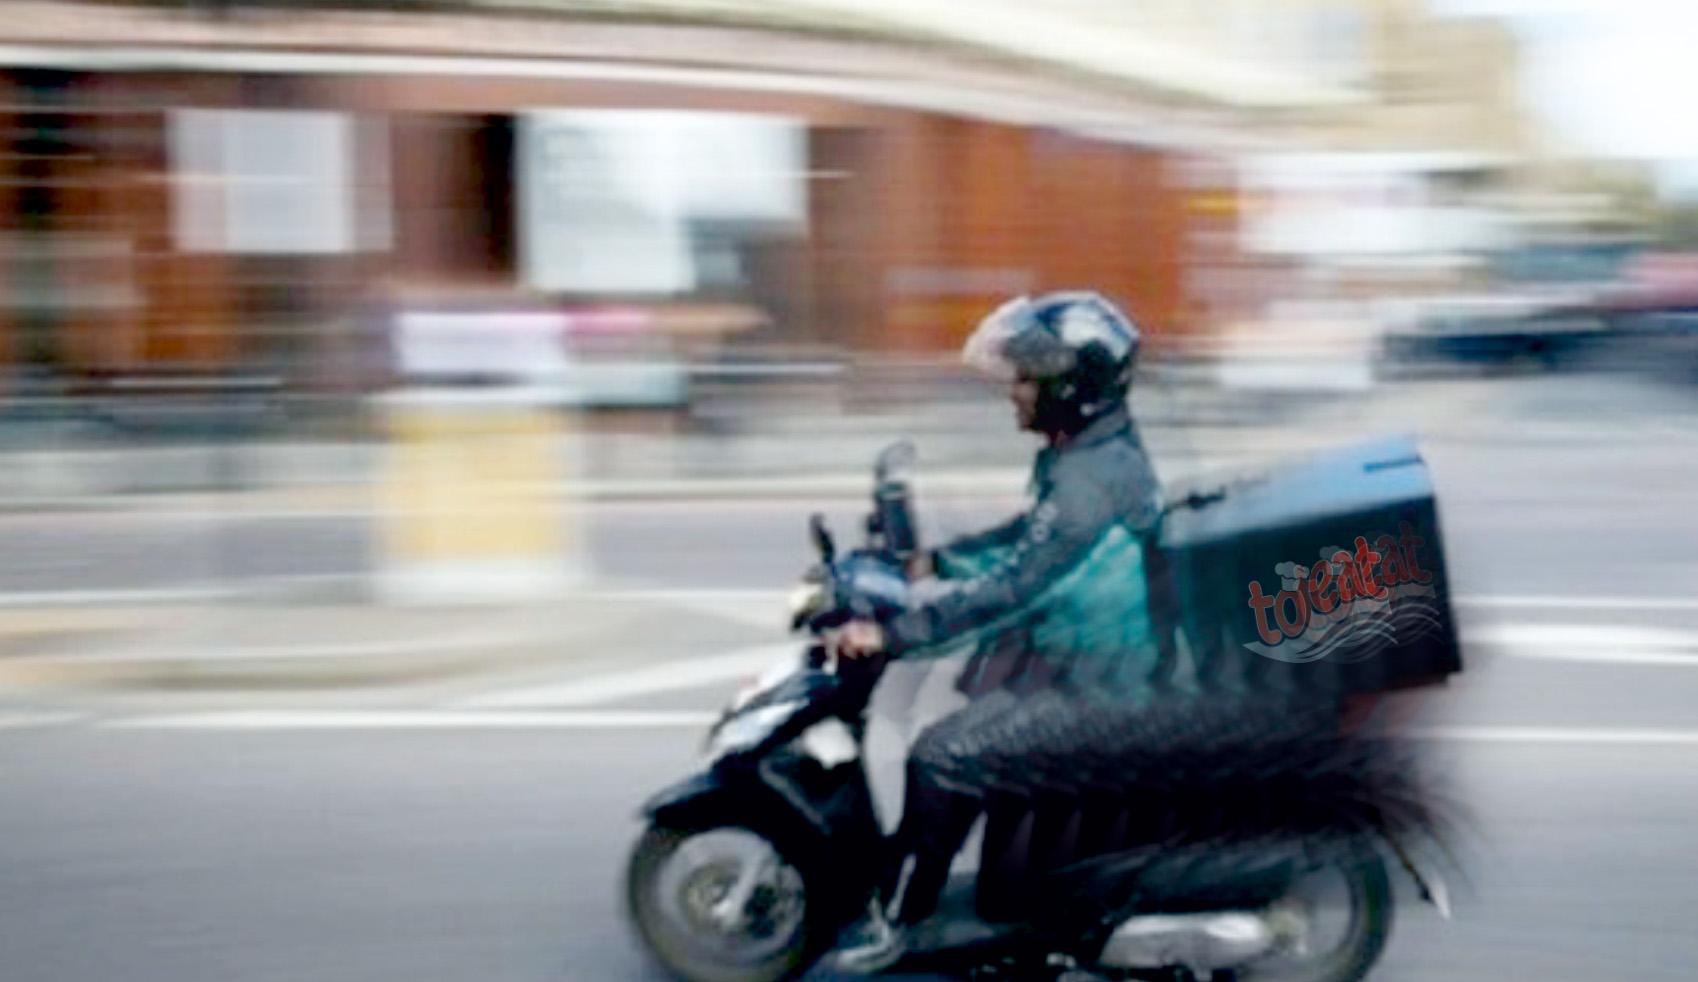 Απαγόρευση κυκλοφορίας μετά τις 21:00: Διευκρινίσεις για take away και delivery